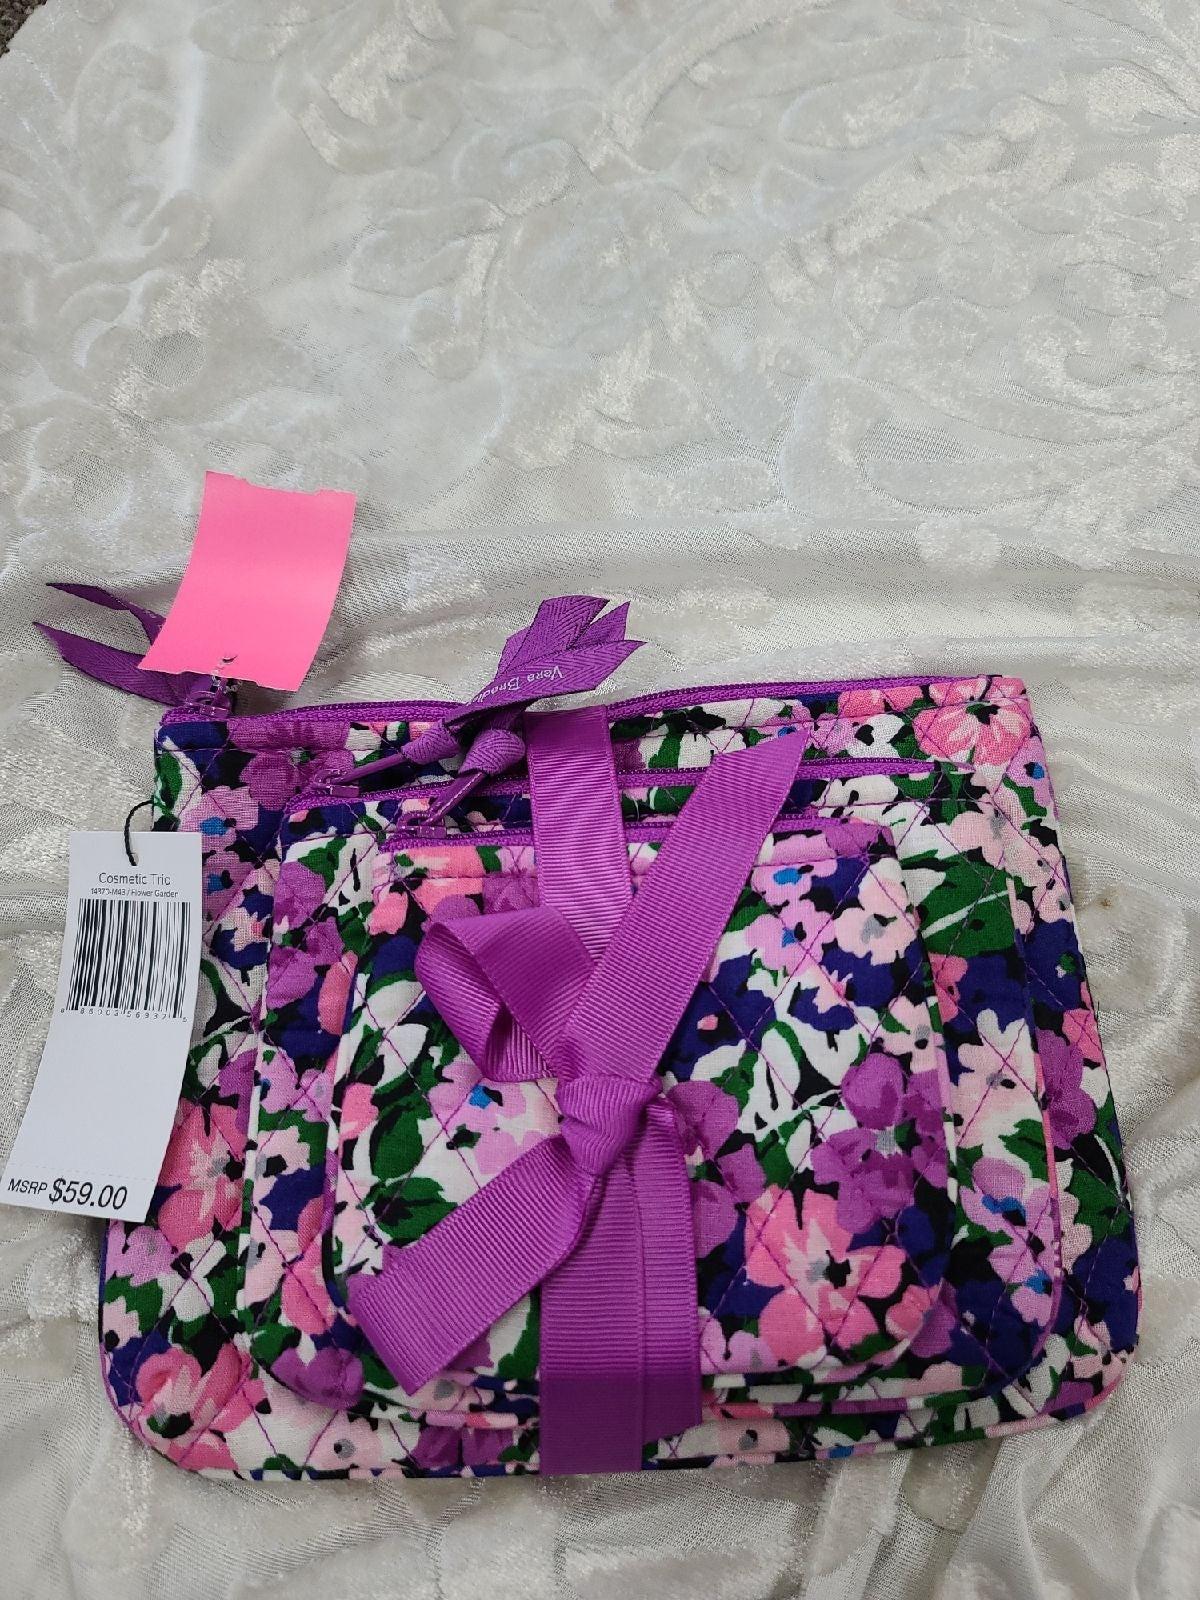 Vera Bradley flower garden 3pc pouch